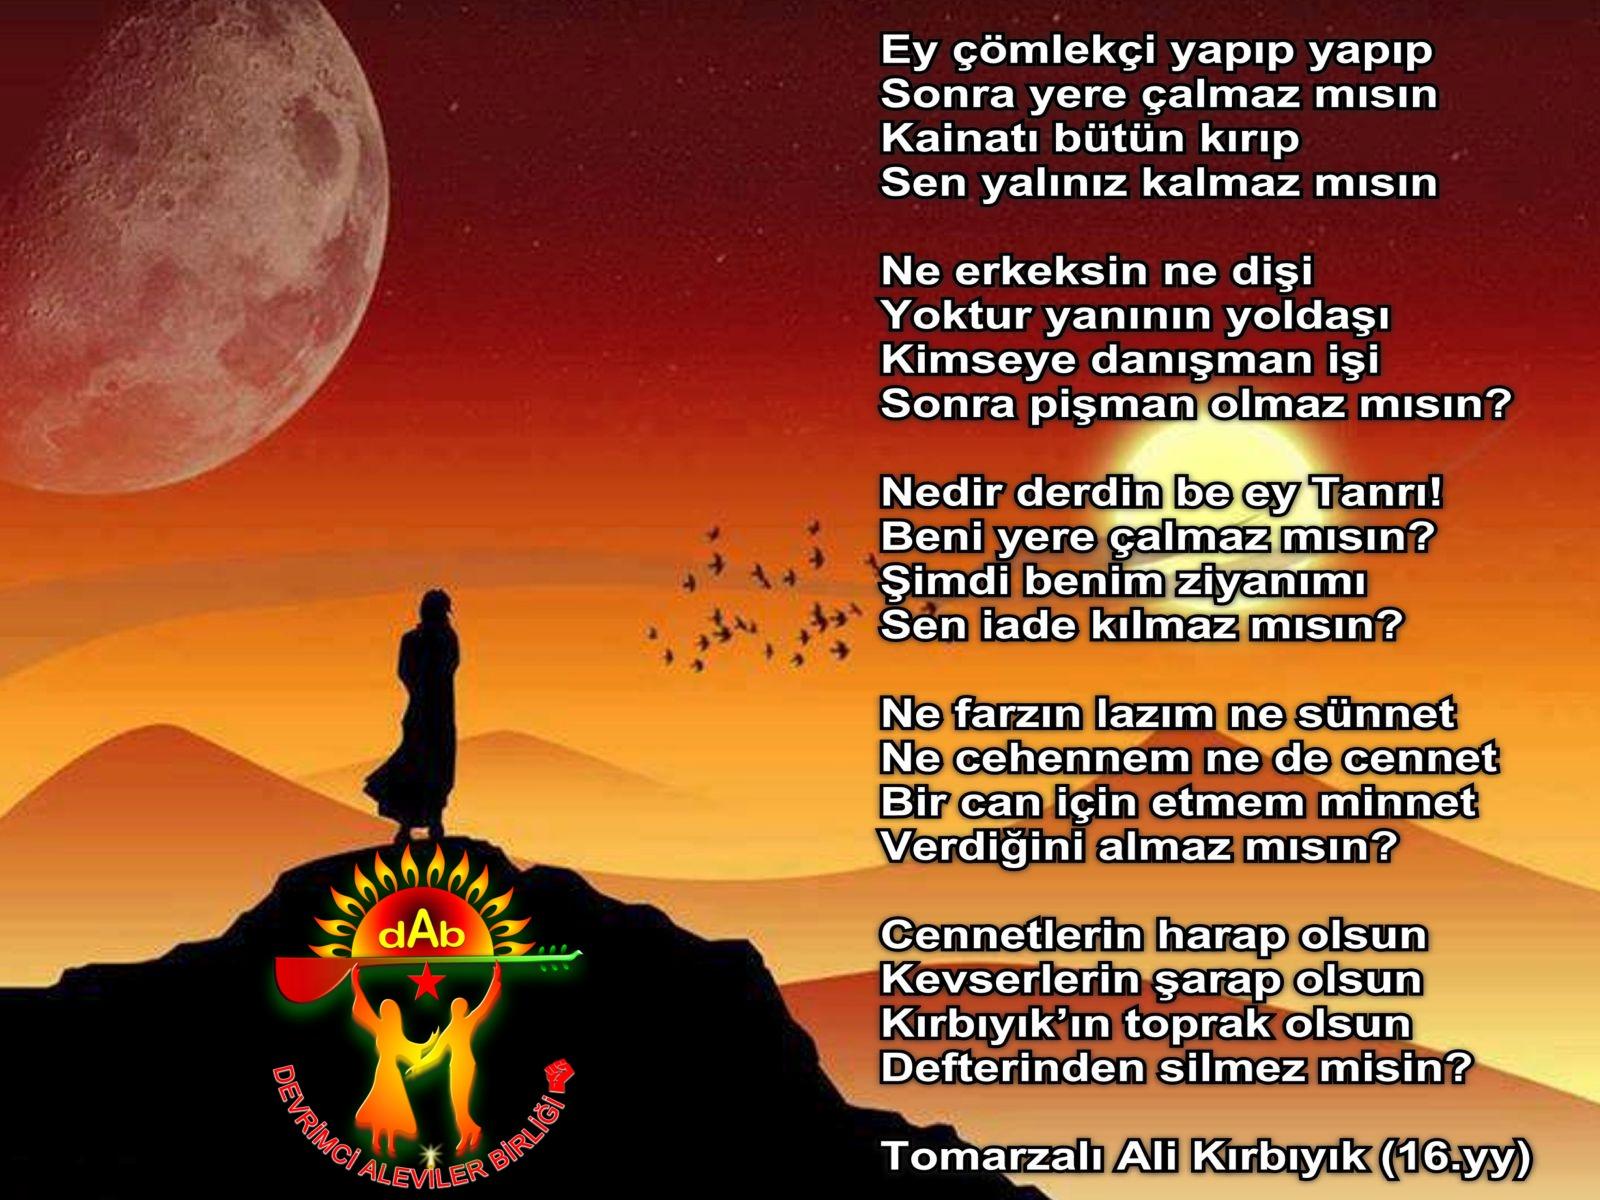 Alevi Bektaşi Kızılbaş Pir Sultan Devrimci Aleviler Birliği DAB canakci